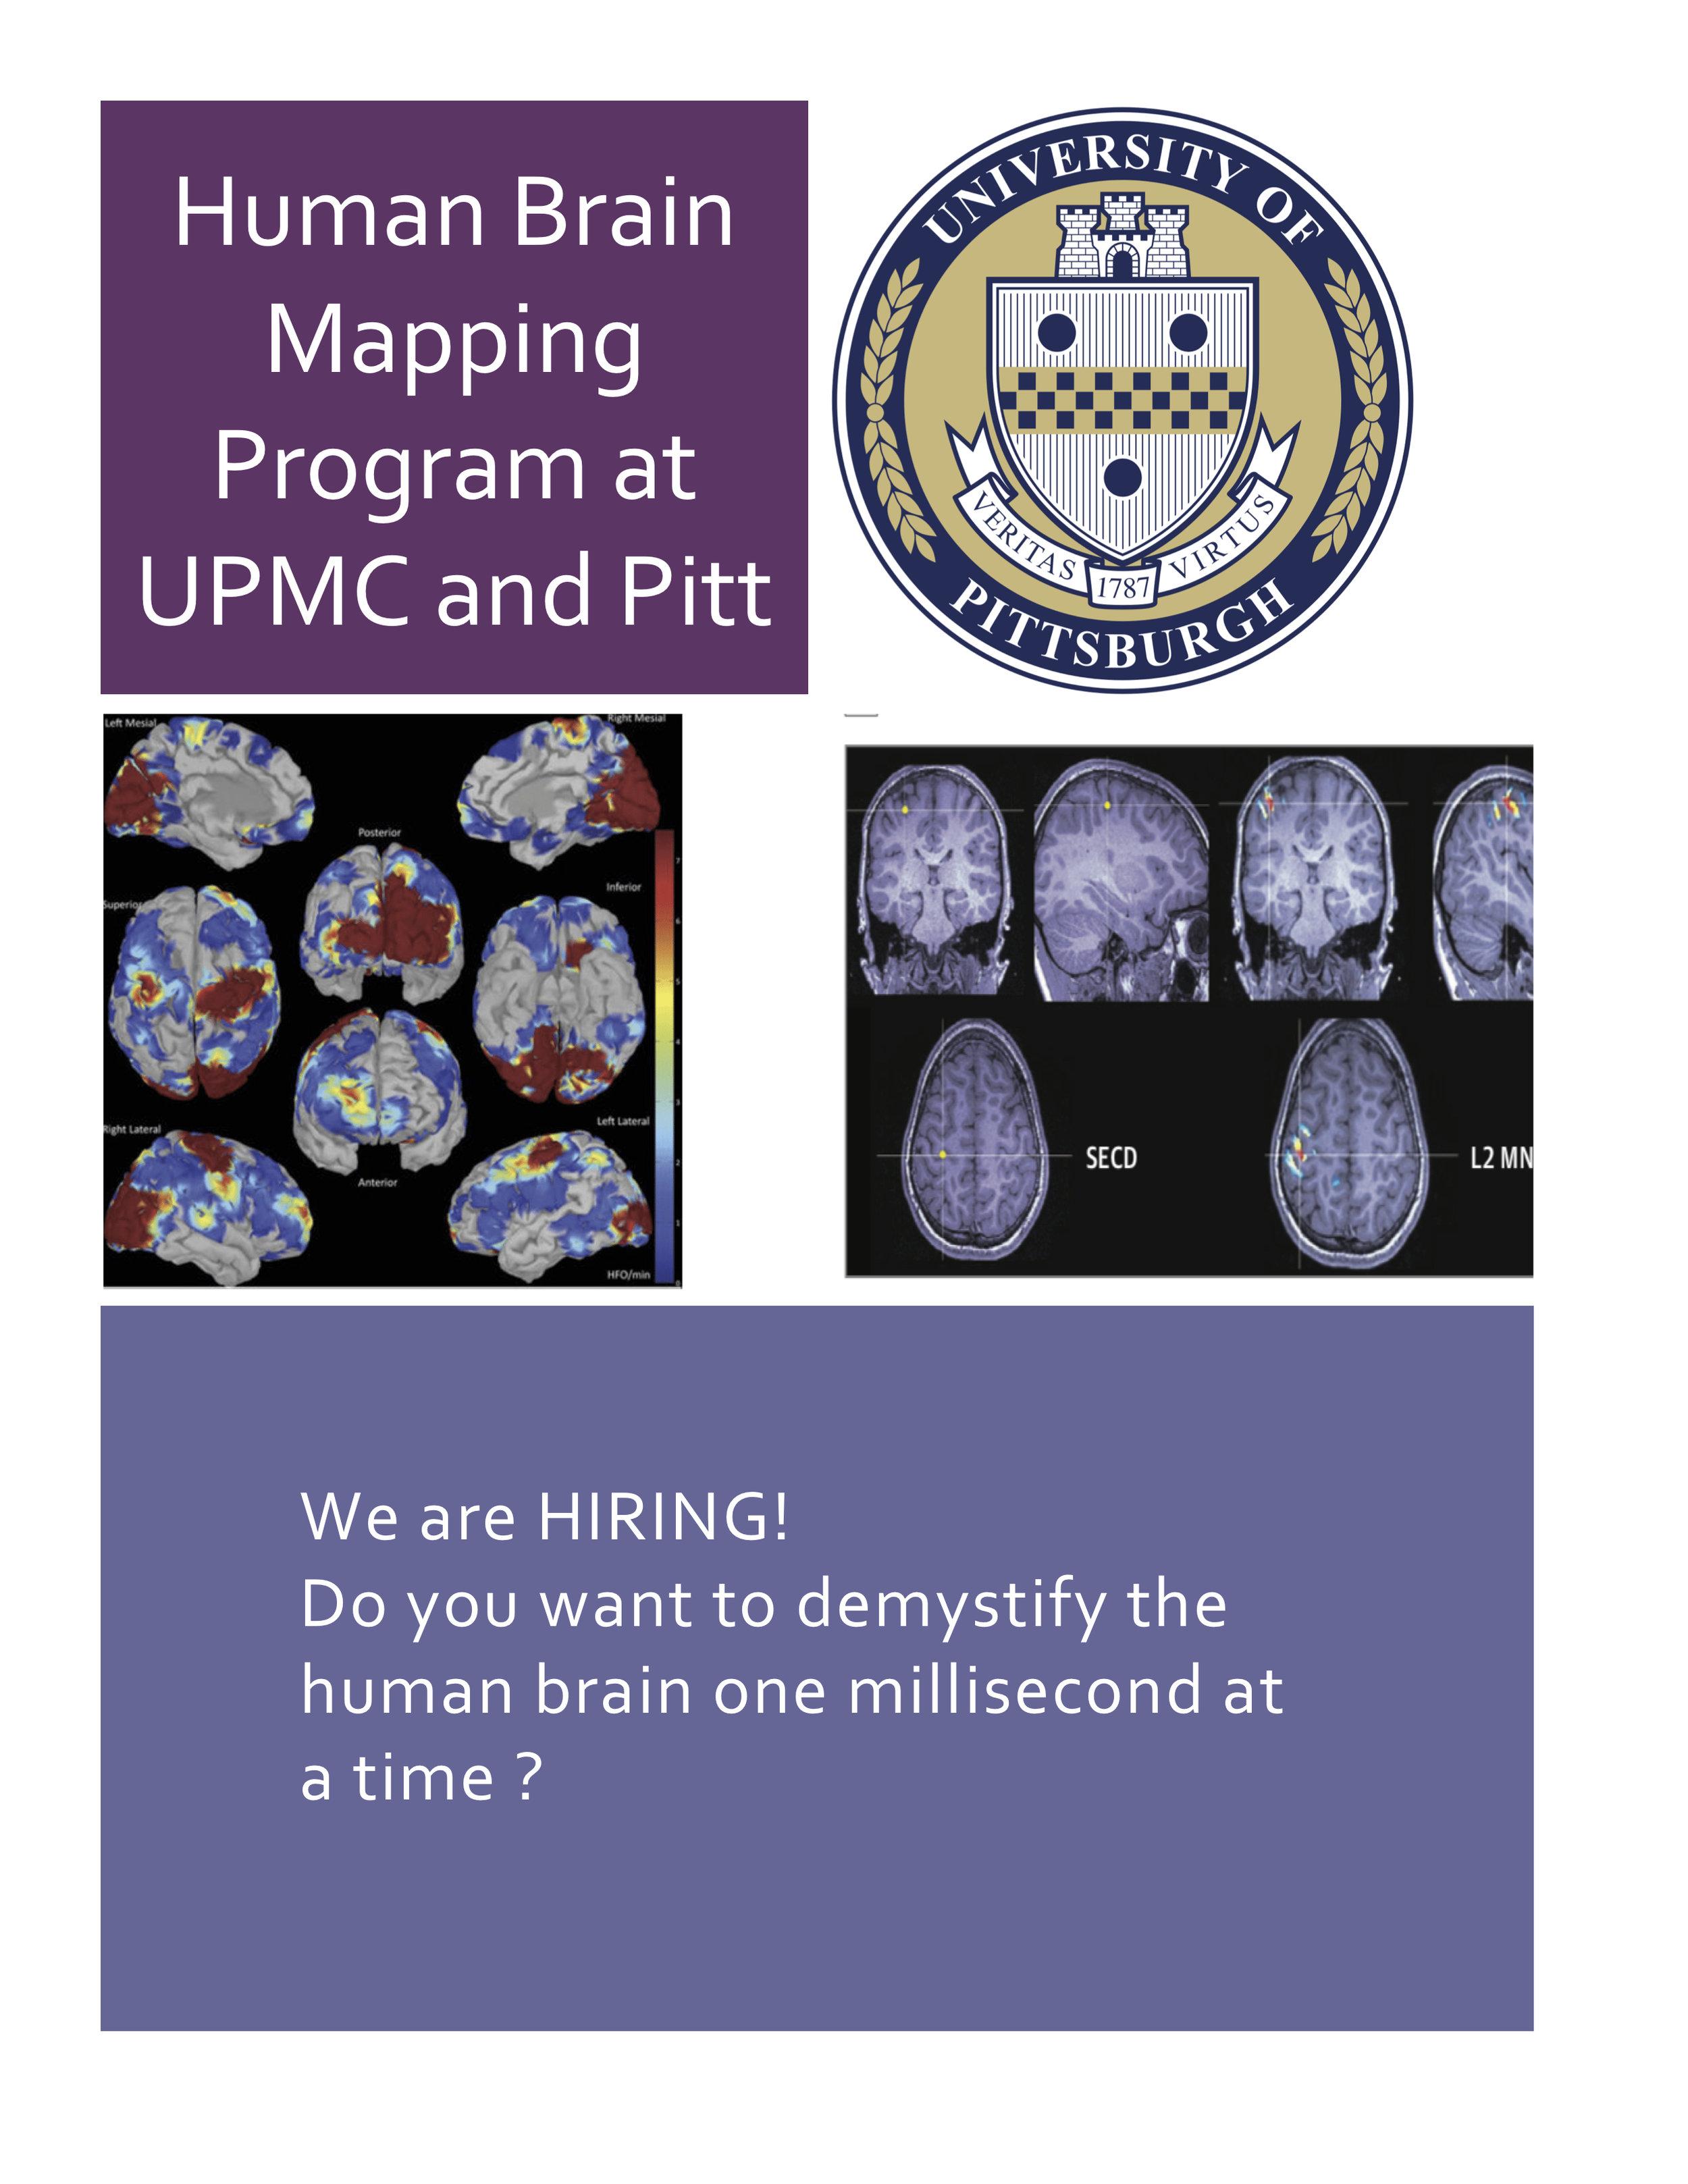 Apply using contact us or email PI: Rafeed dot Alkawadri at Pitt dot edu